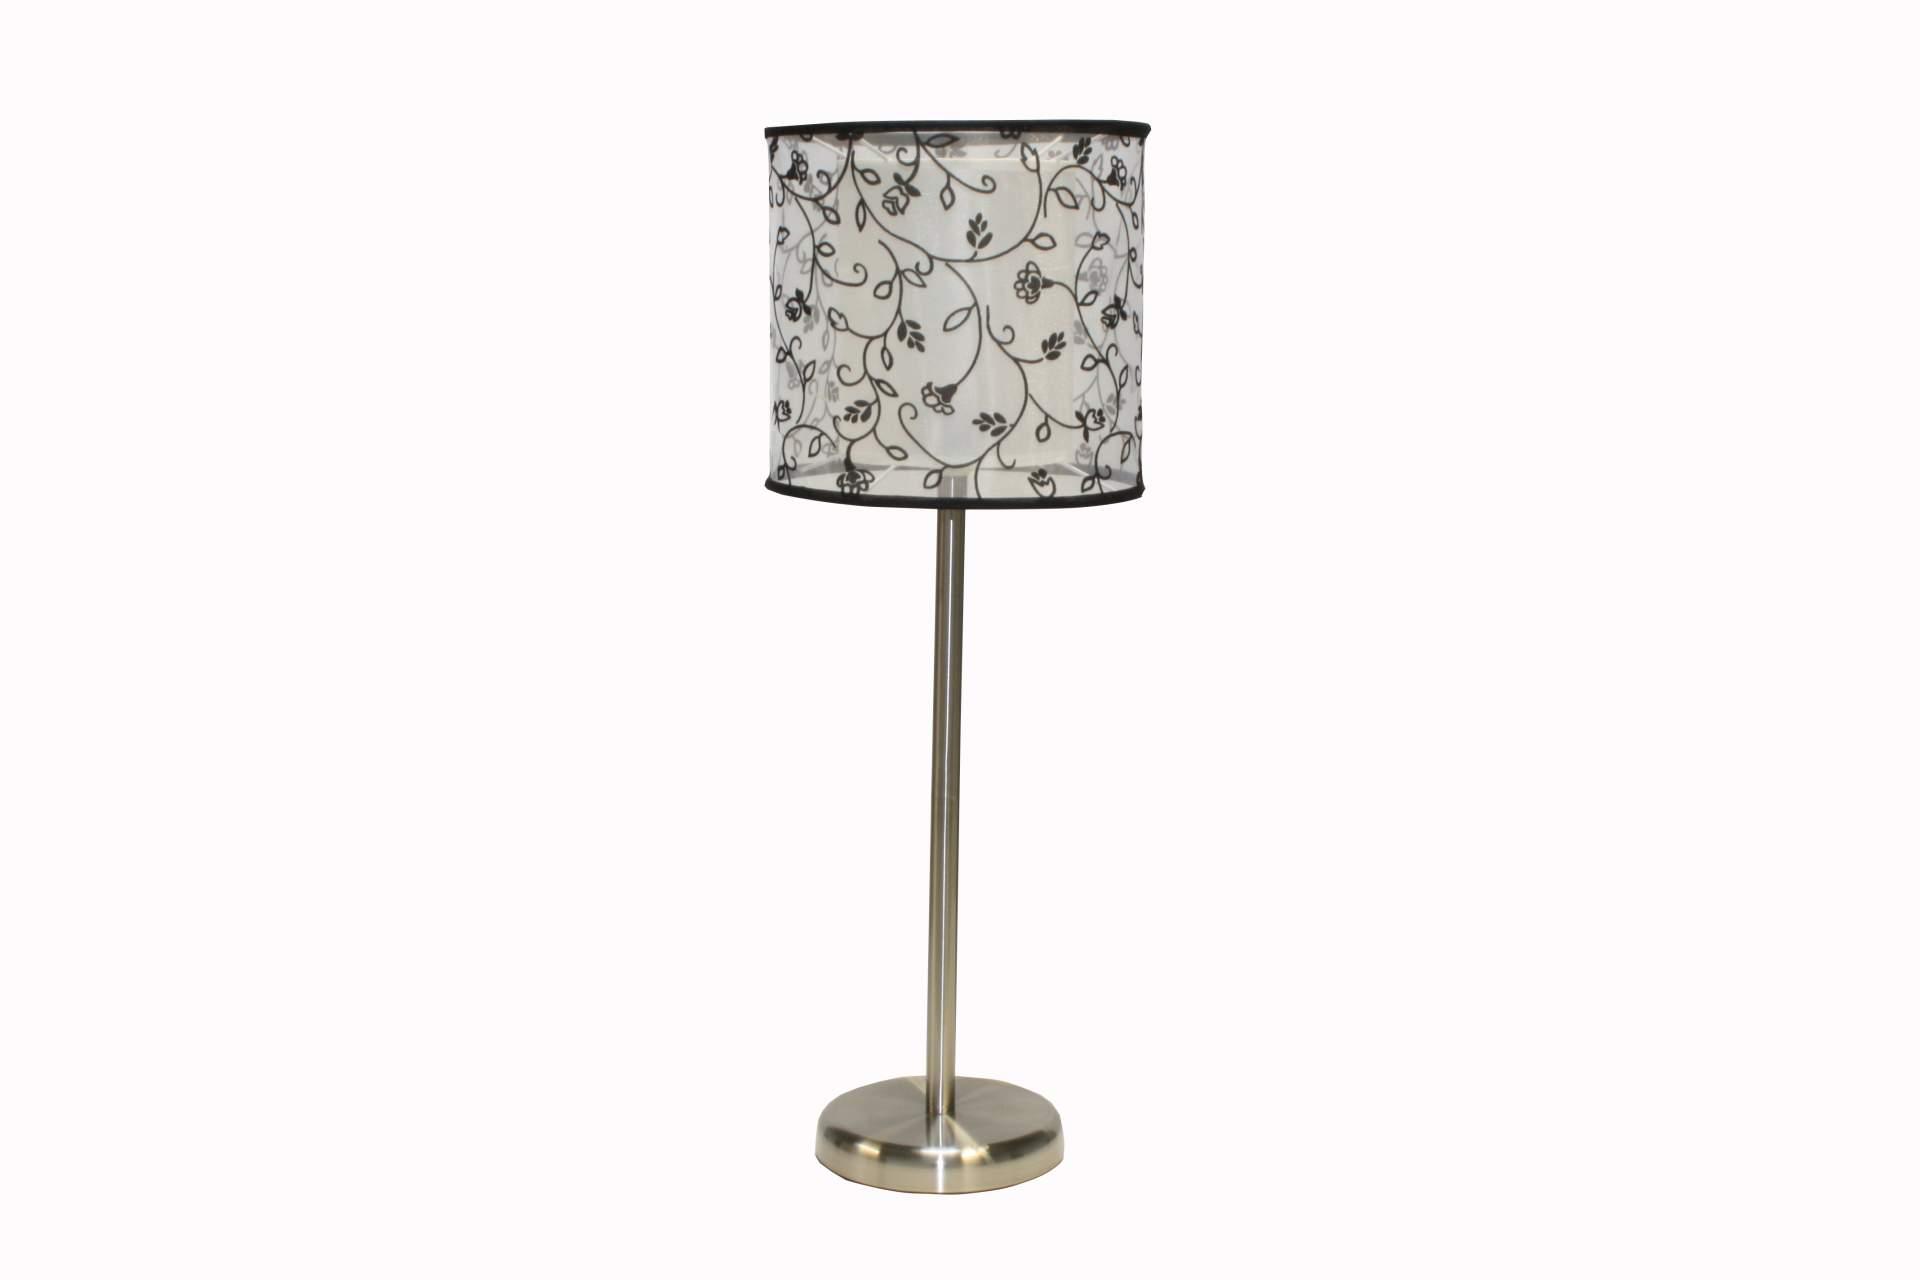 tischlampe tischleuchte weiss schwarz tisch lampe leuchte lampen und licht wohnen artlands. Black Bedroom Furniture Sets. Home Design Ideas